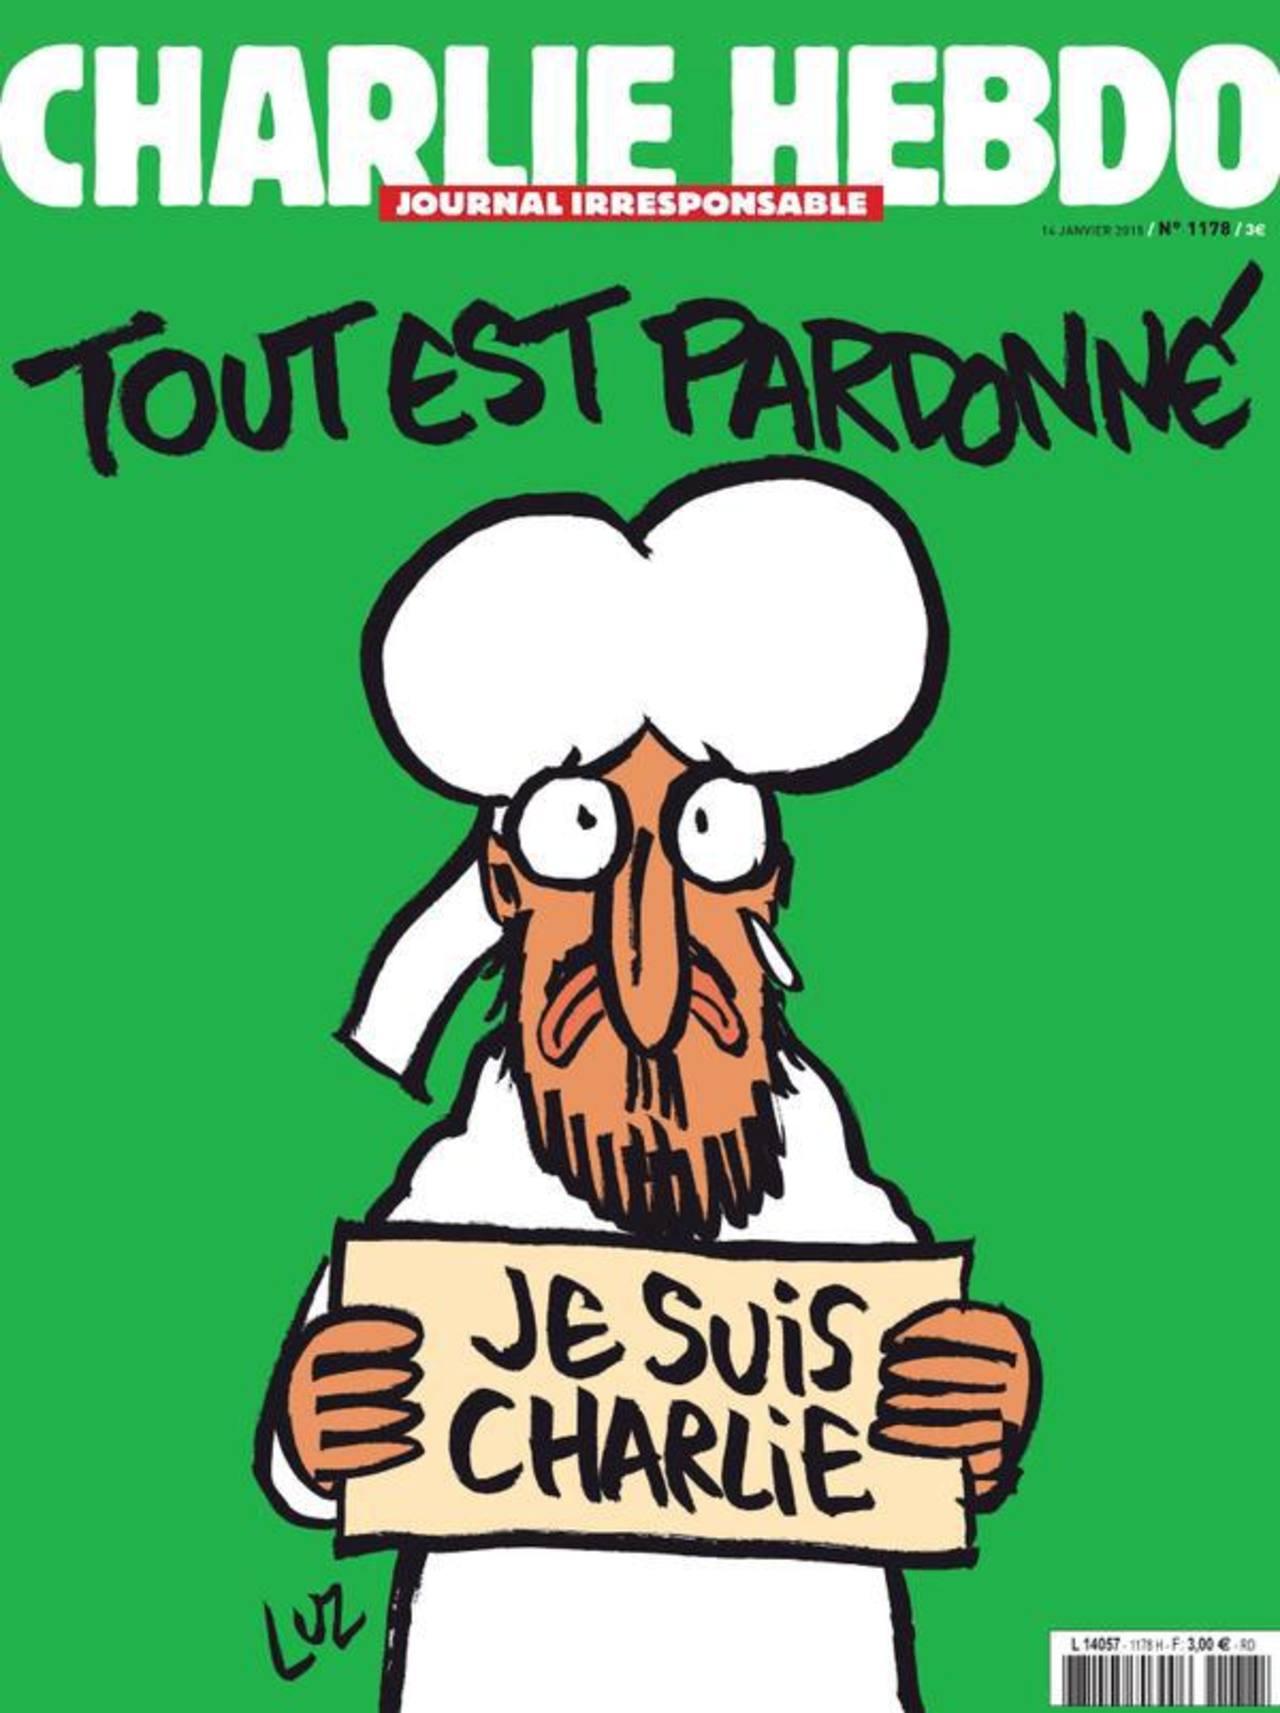 """Charlie Hebdo saca en portada dibujo de Mahoma con cartel de """"Yo soy Charlie"""""""